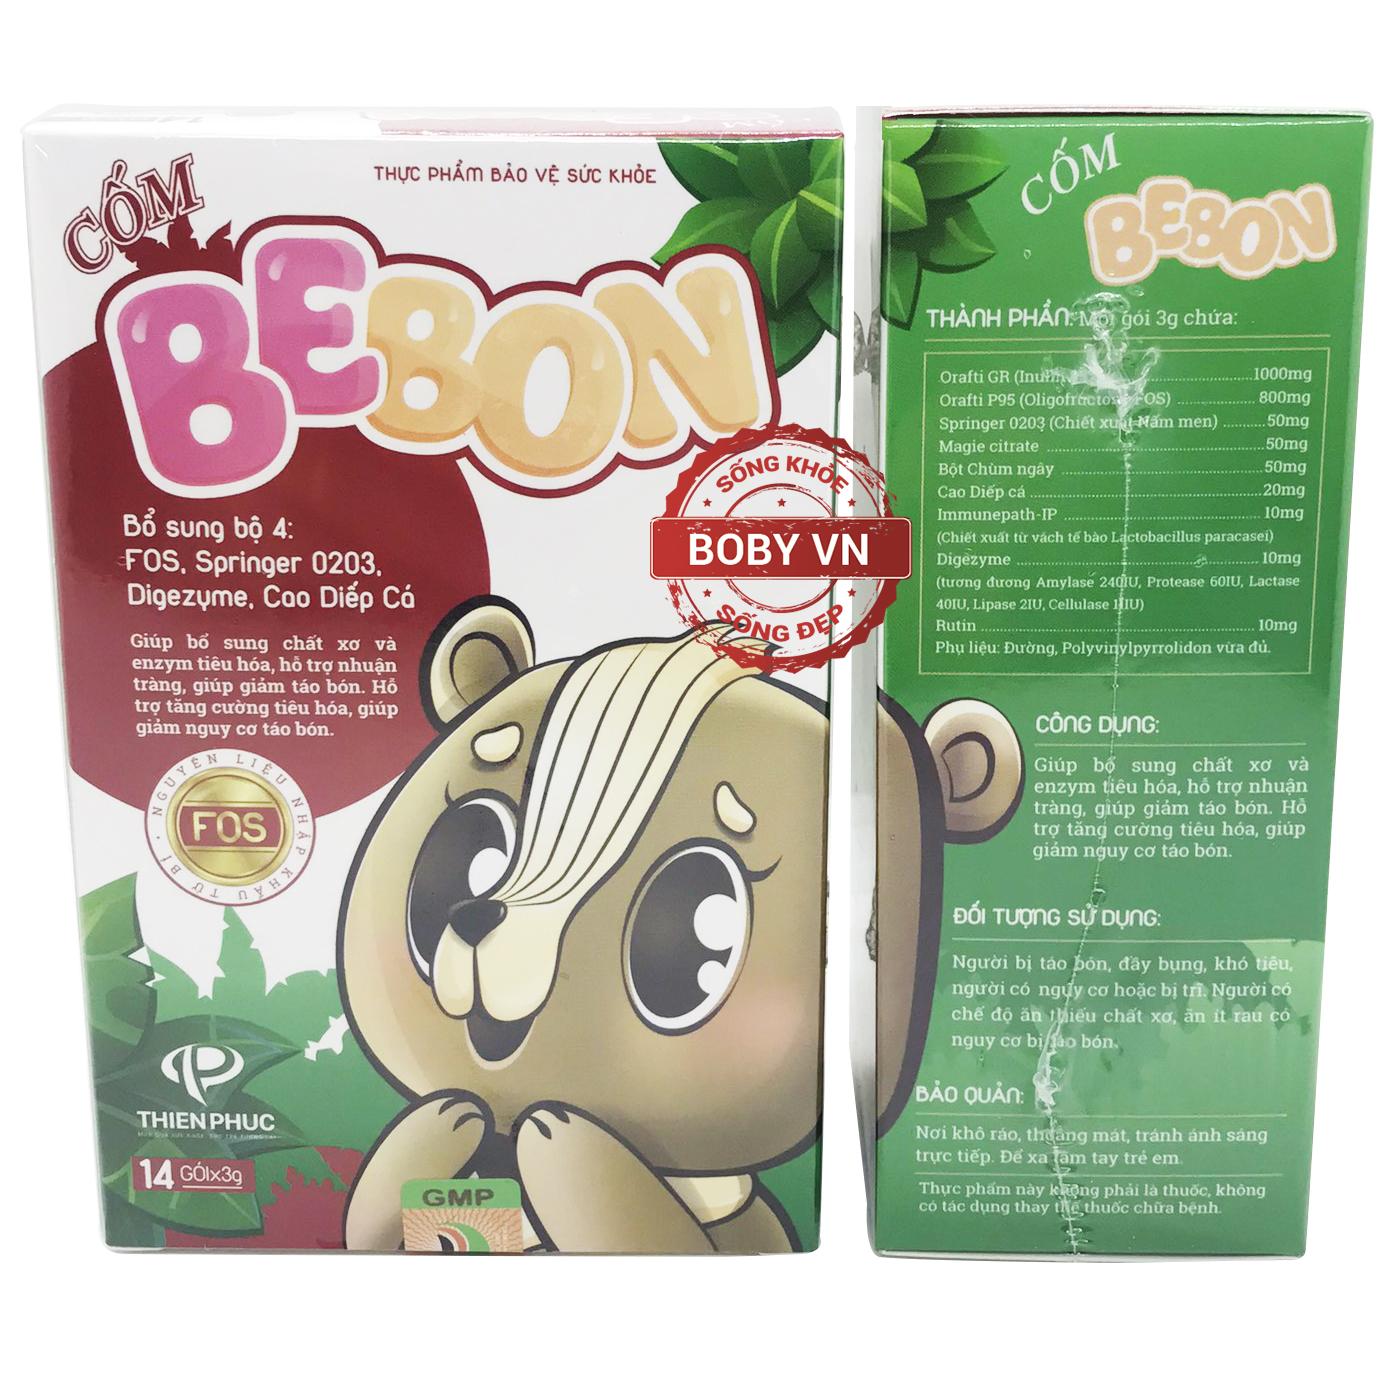 Cốm BeBon bổ sung chất xơ và enzym tiêu hóa, hỗ trợ nhuận tràng giảm táo bón